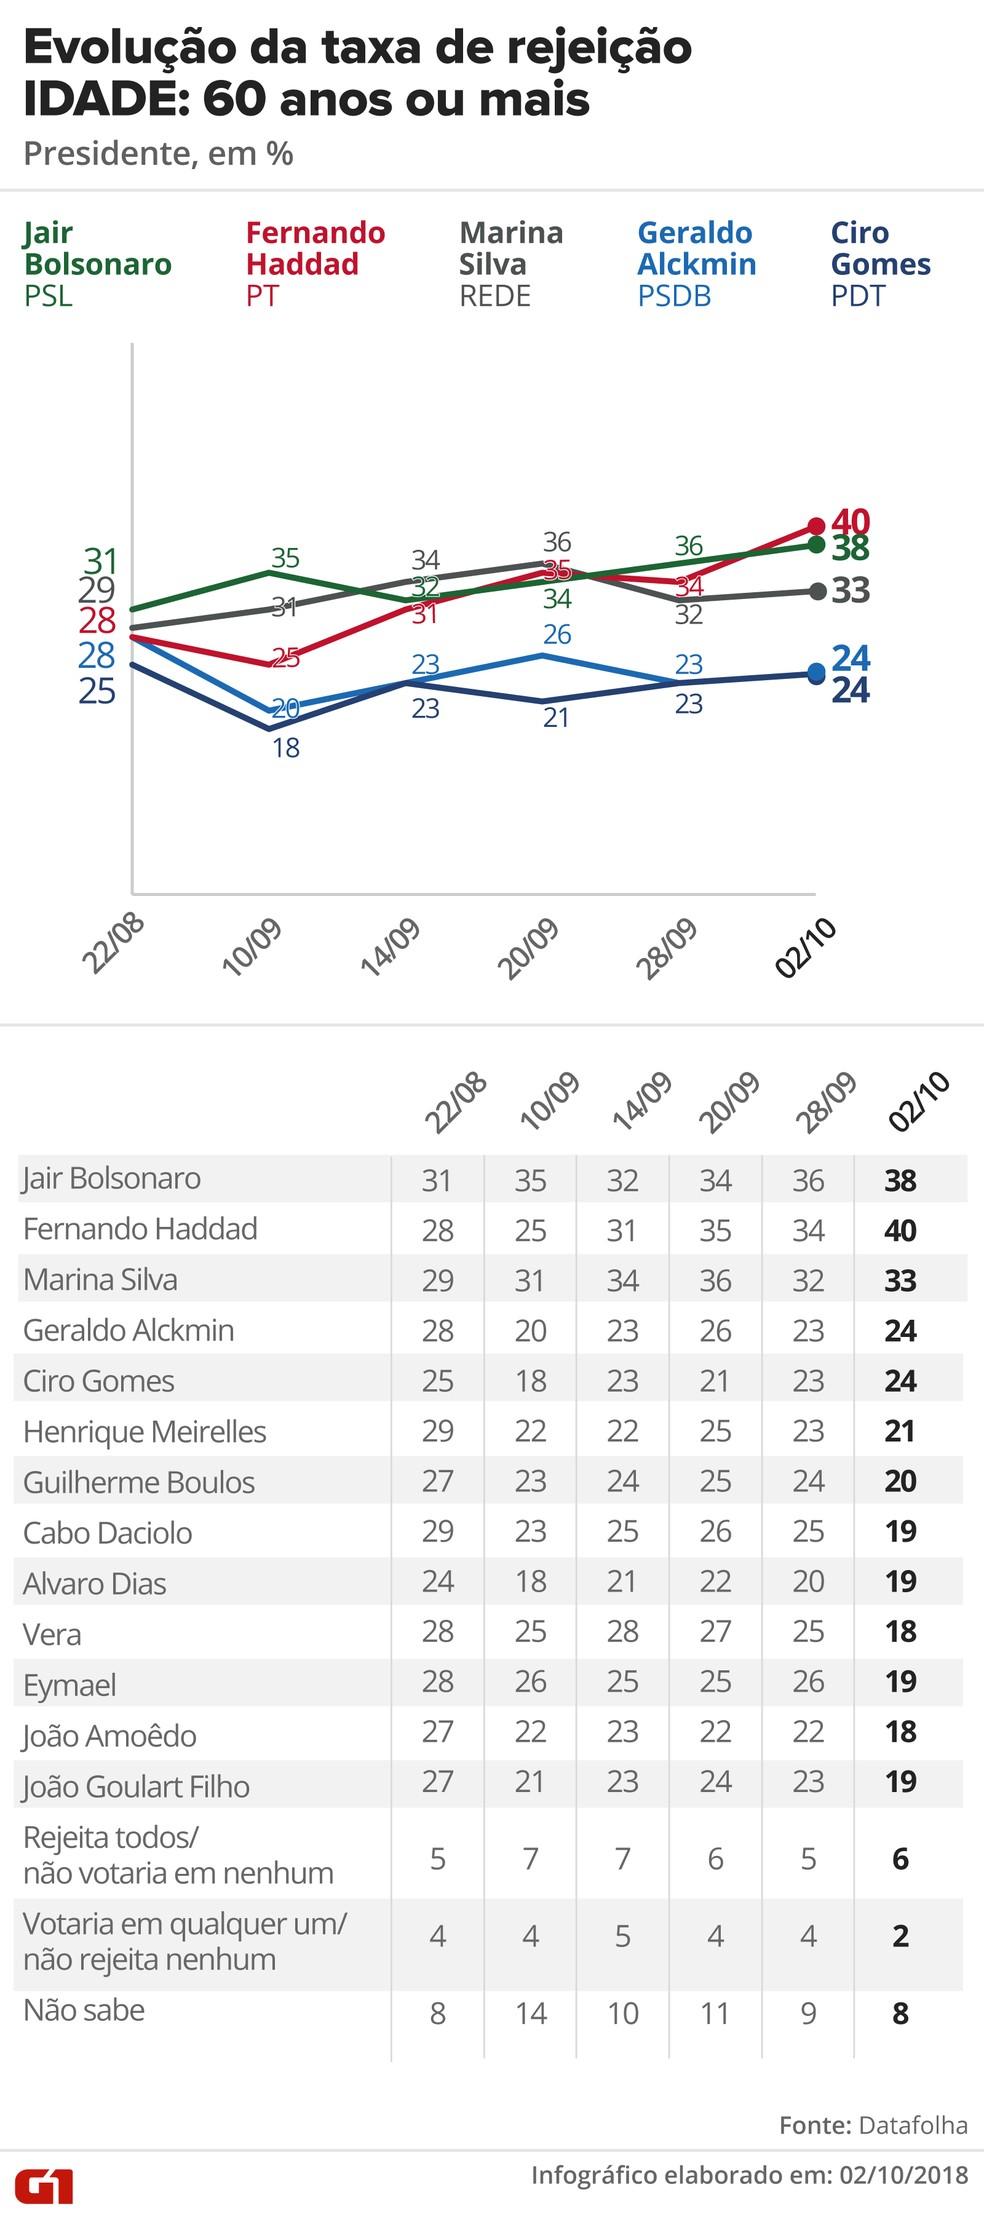 Pesquisa Datafolha, 2/10 para presidente - Rejeição - Idade: 60 anos ou mais — Foto: G1 Arte